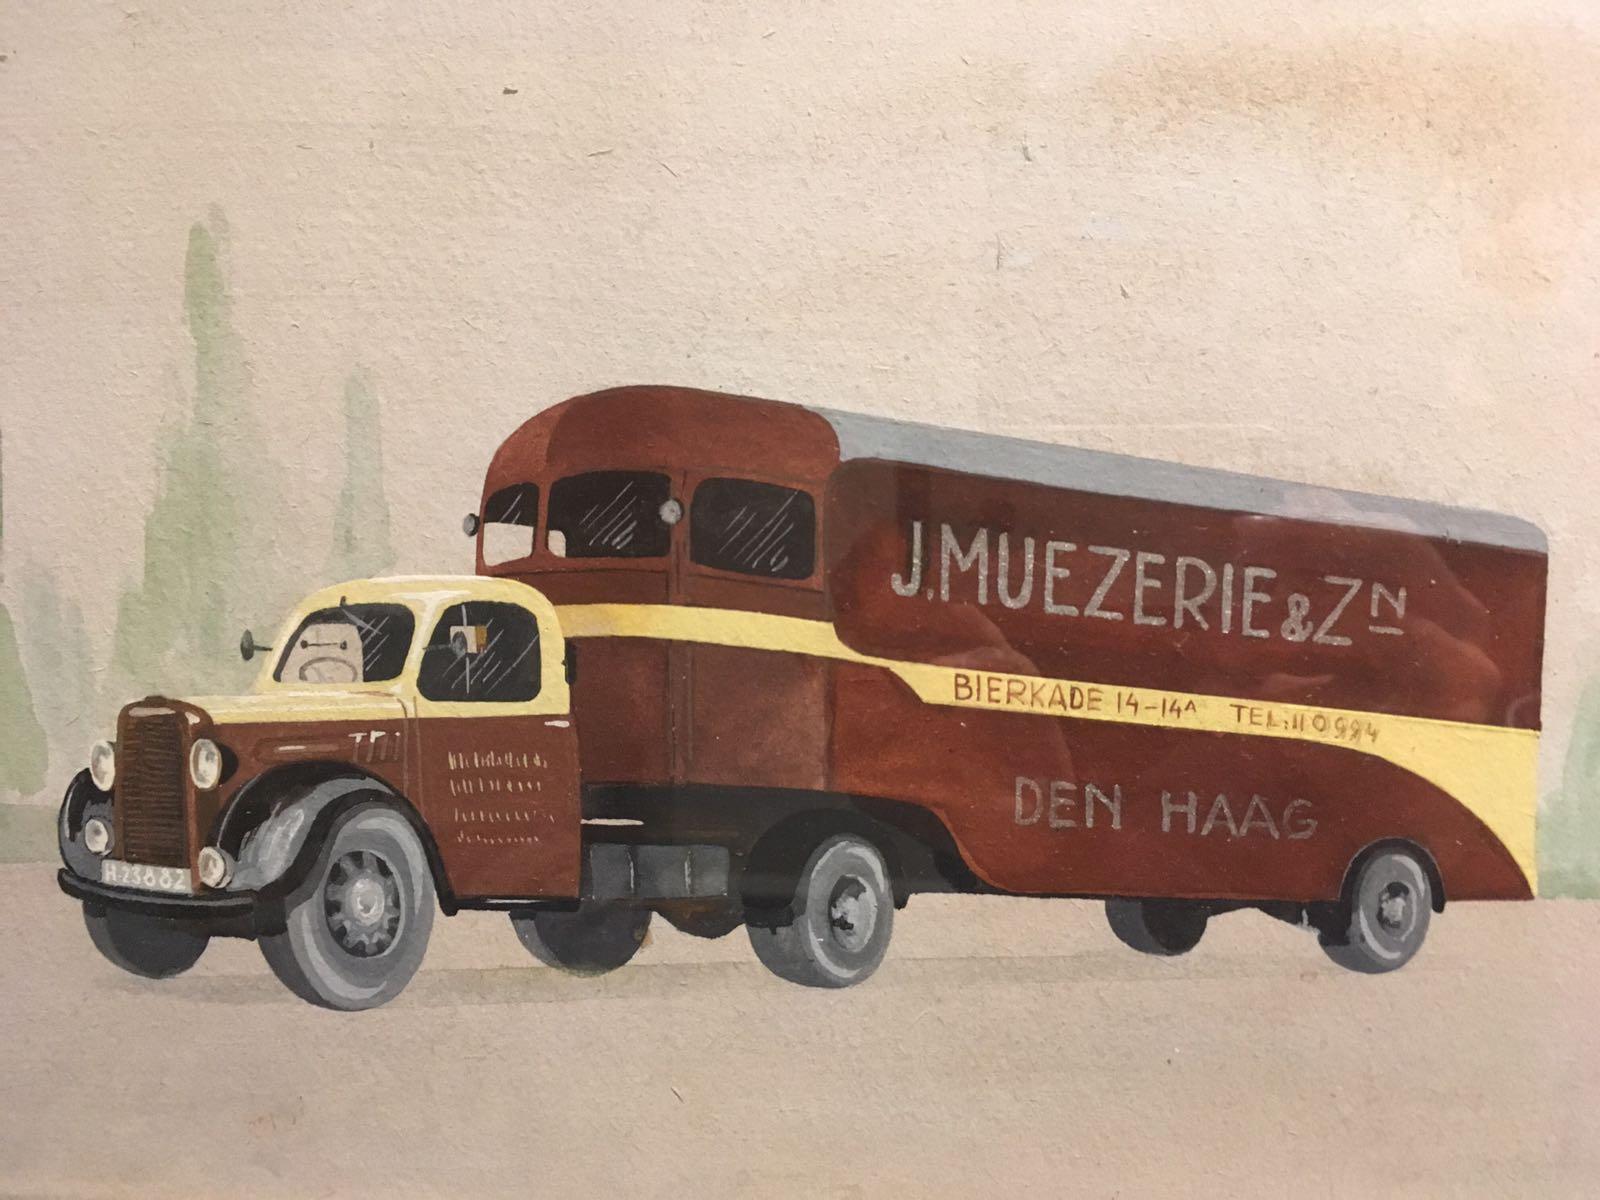 Muezerie Service is al sinds 1879 een begrip in Den haag en omgeving.